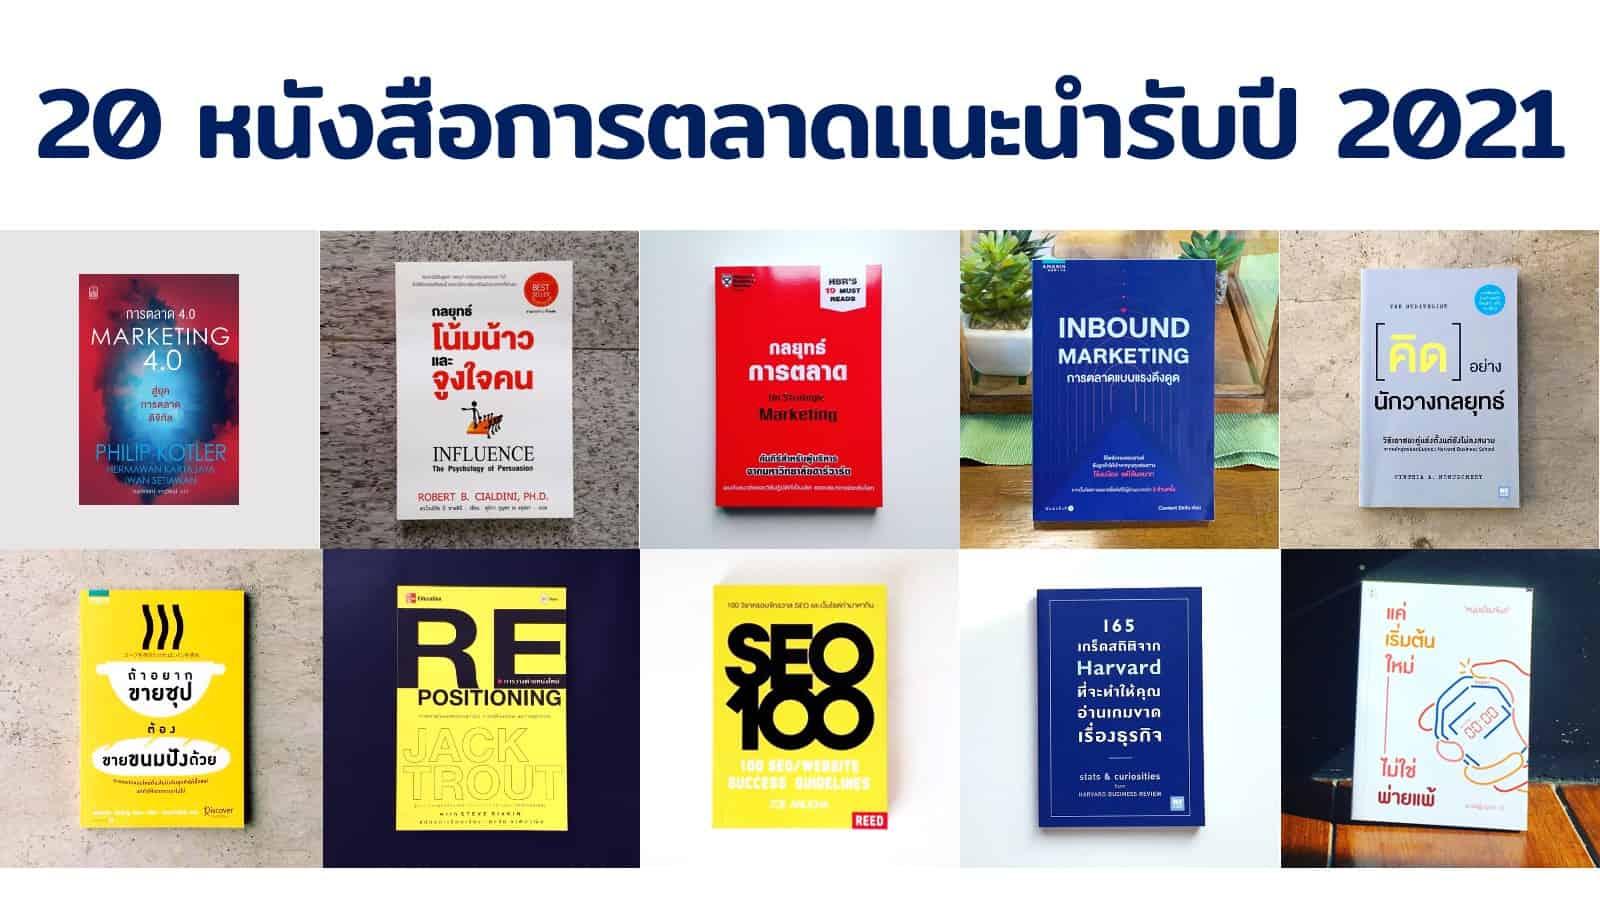 20 หนังสือการตลาดแนะนำรับปี 2021 ที่นักการตลาดต้องอ่าน และ SME ต้องรู้